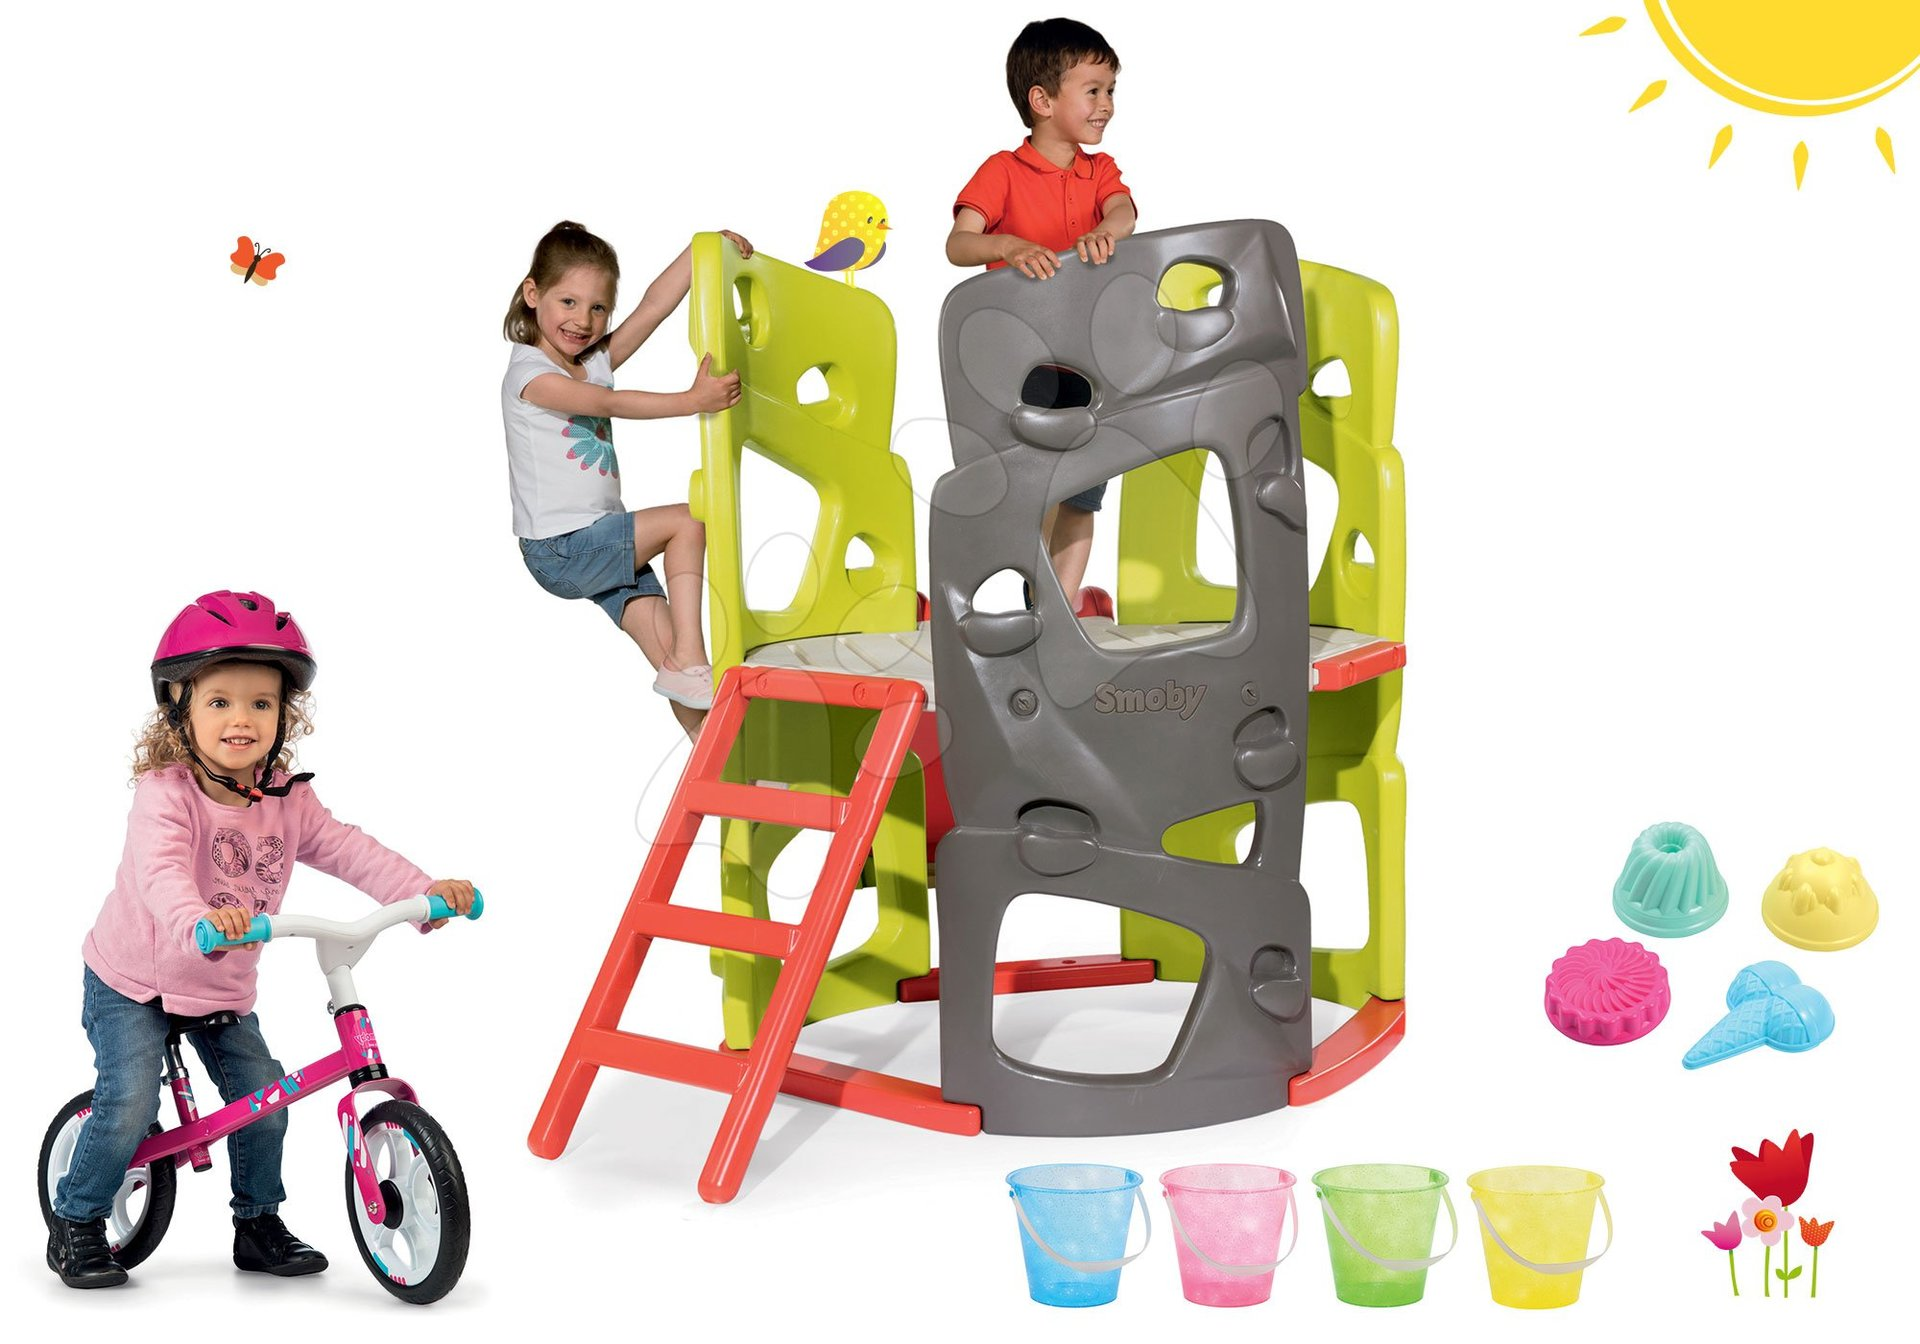 Smoby set prolézačka Multi-Activity Tower na šplhání se skluzavkou a balanční odrážedlo First Bike s